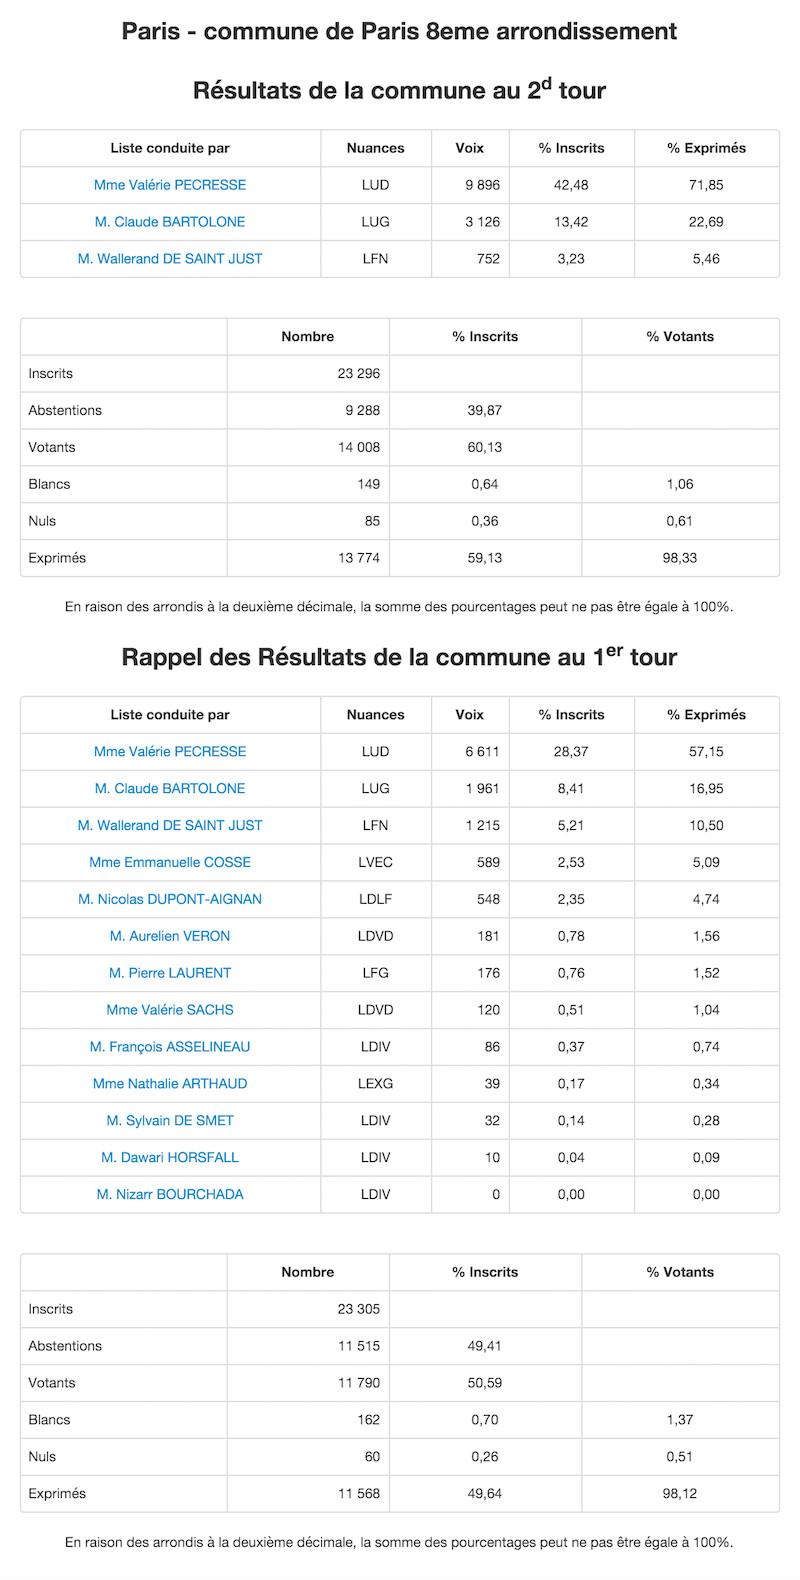 Régionales 2015 - 2nd et 1er tour dans le 8e arrondissement © Ministère de l'Intérieur